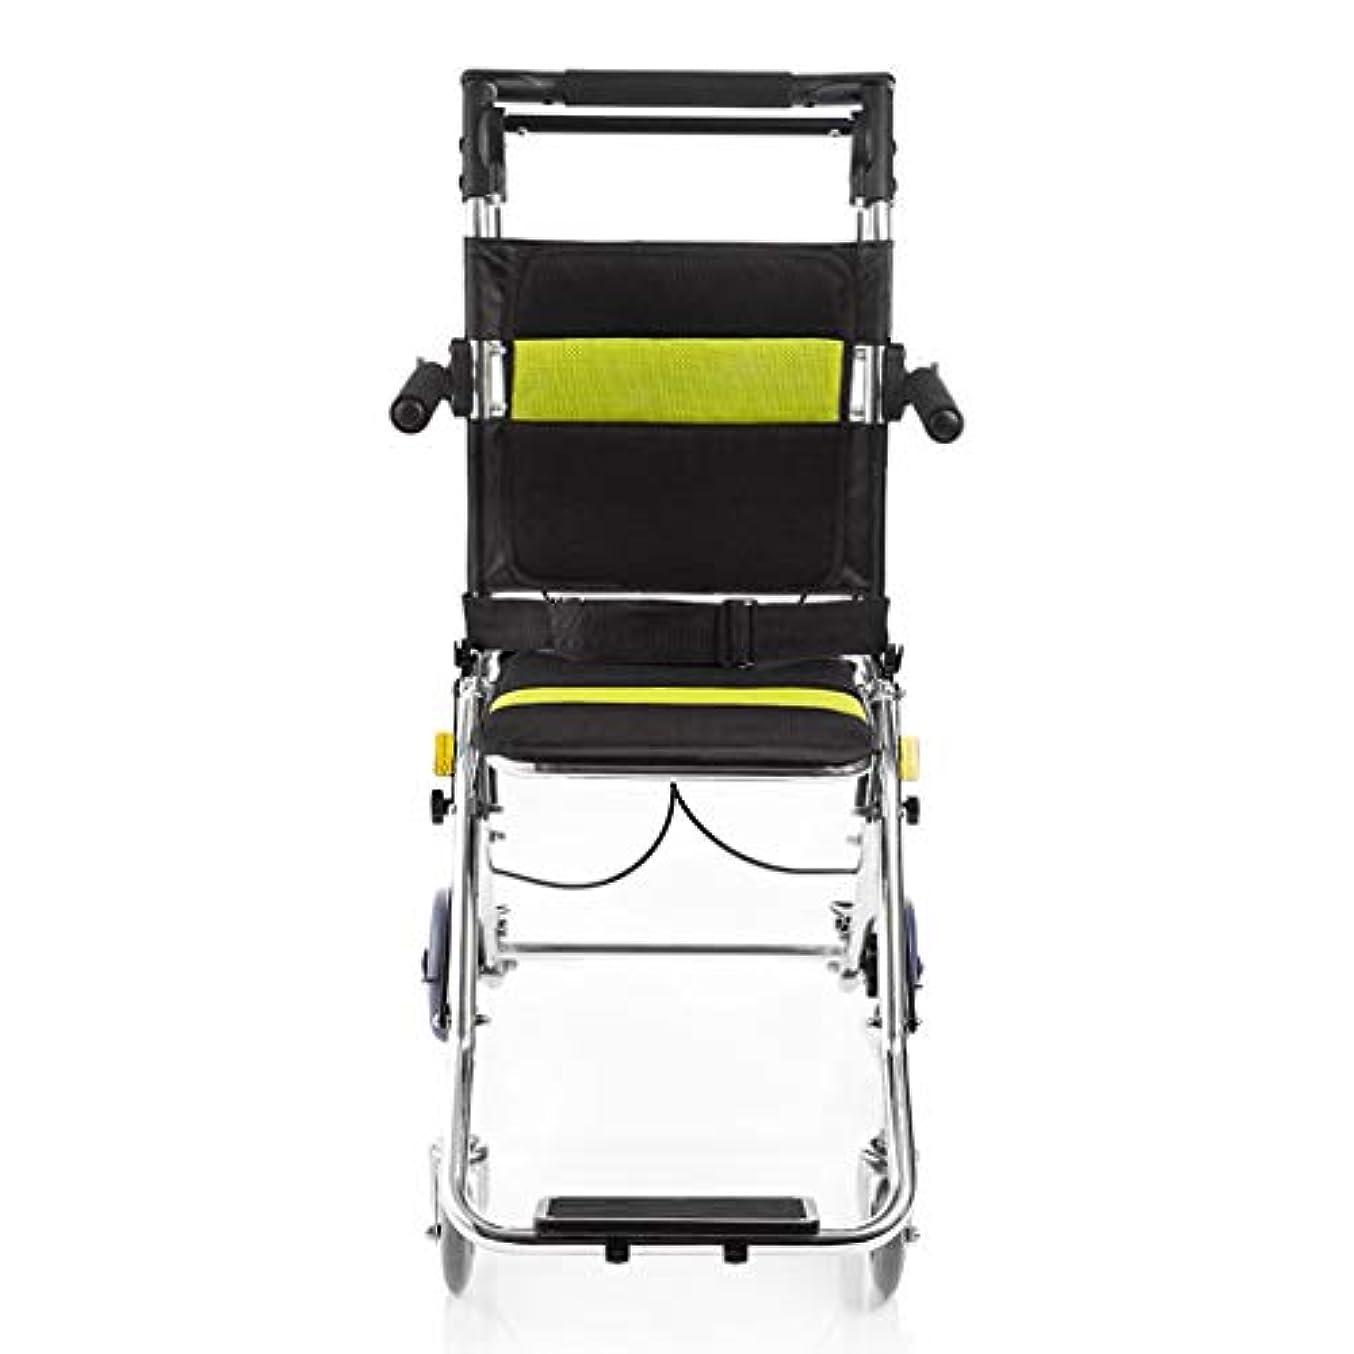 トイレストラップがっかりした折りたたみ車椅子、75 Kgの高齢者用屋外車椅子ベビーカーを運ぶことができます